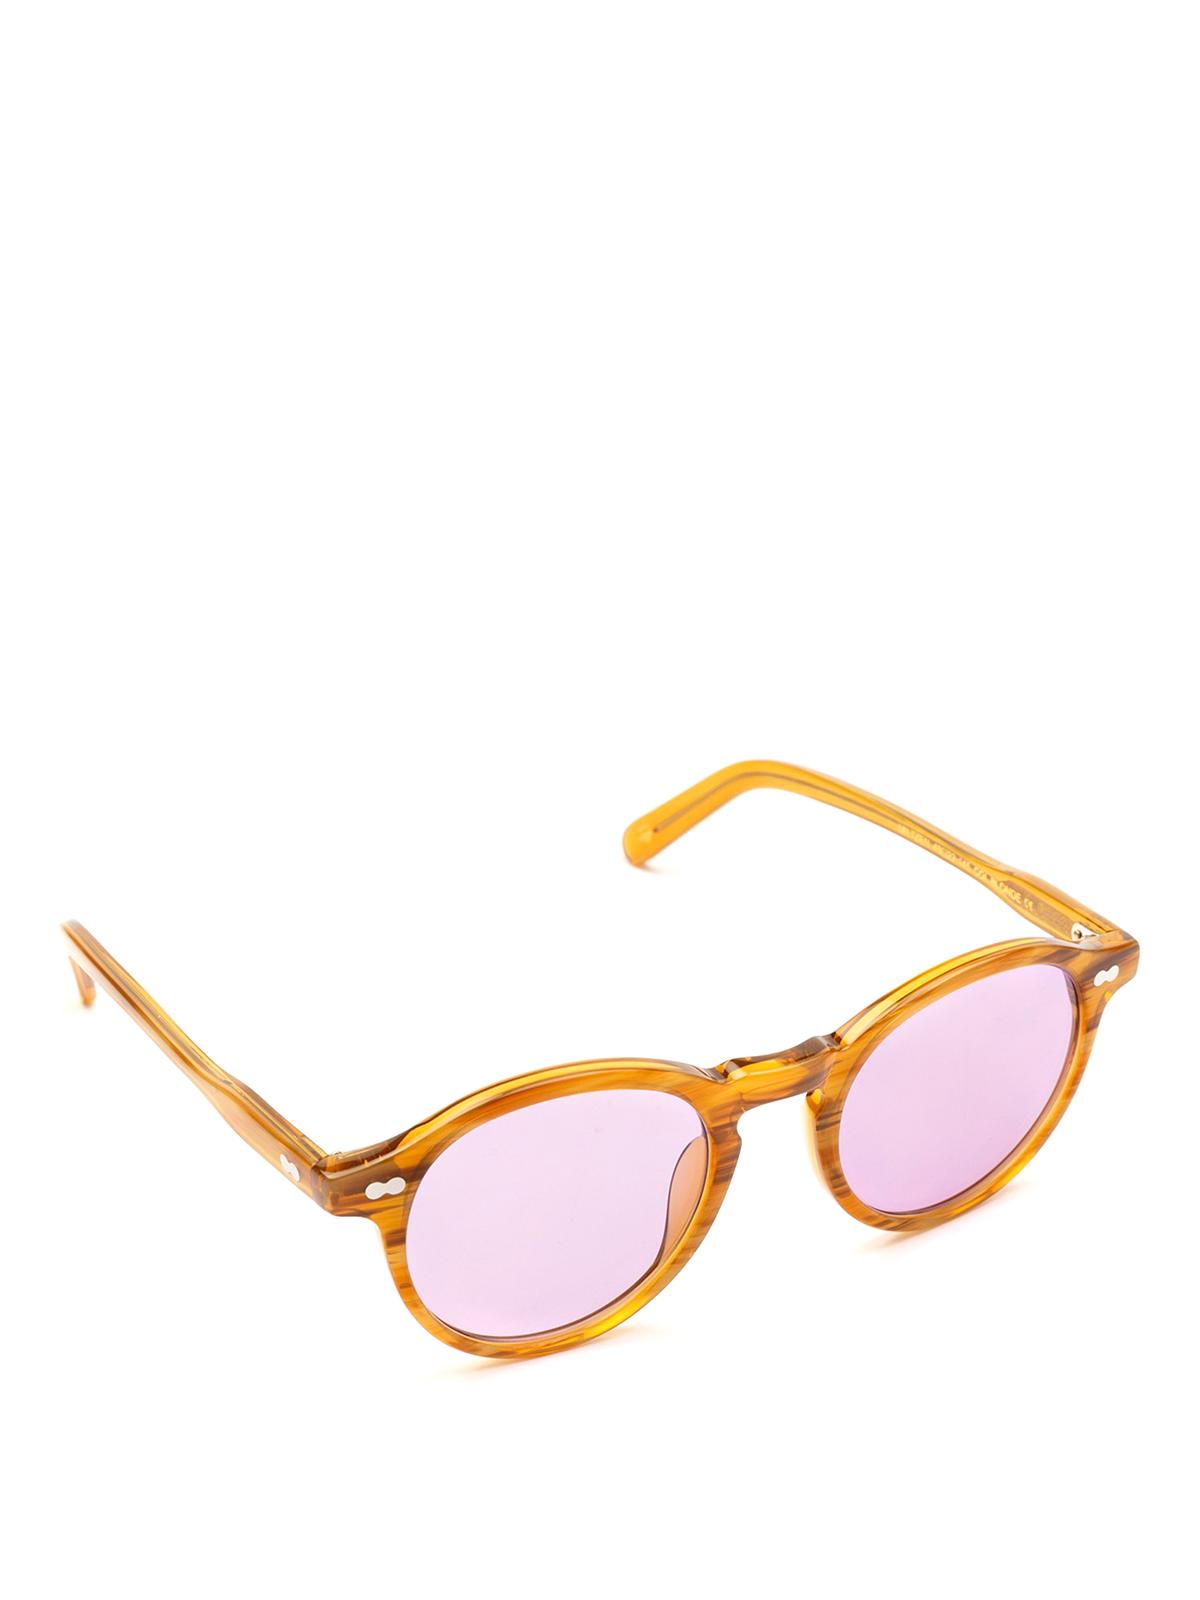 03d4f9b8f17 Moscot - Miltzen violet lens blonde sunglasses - sunglasses ...